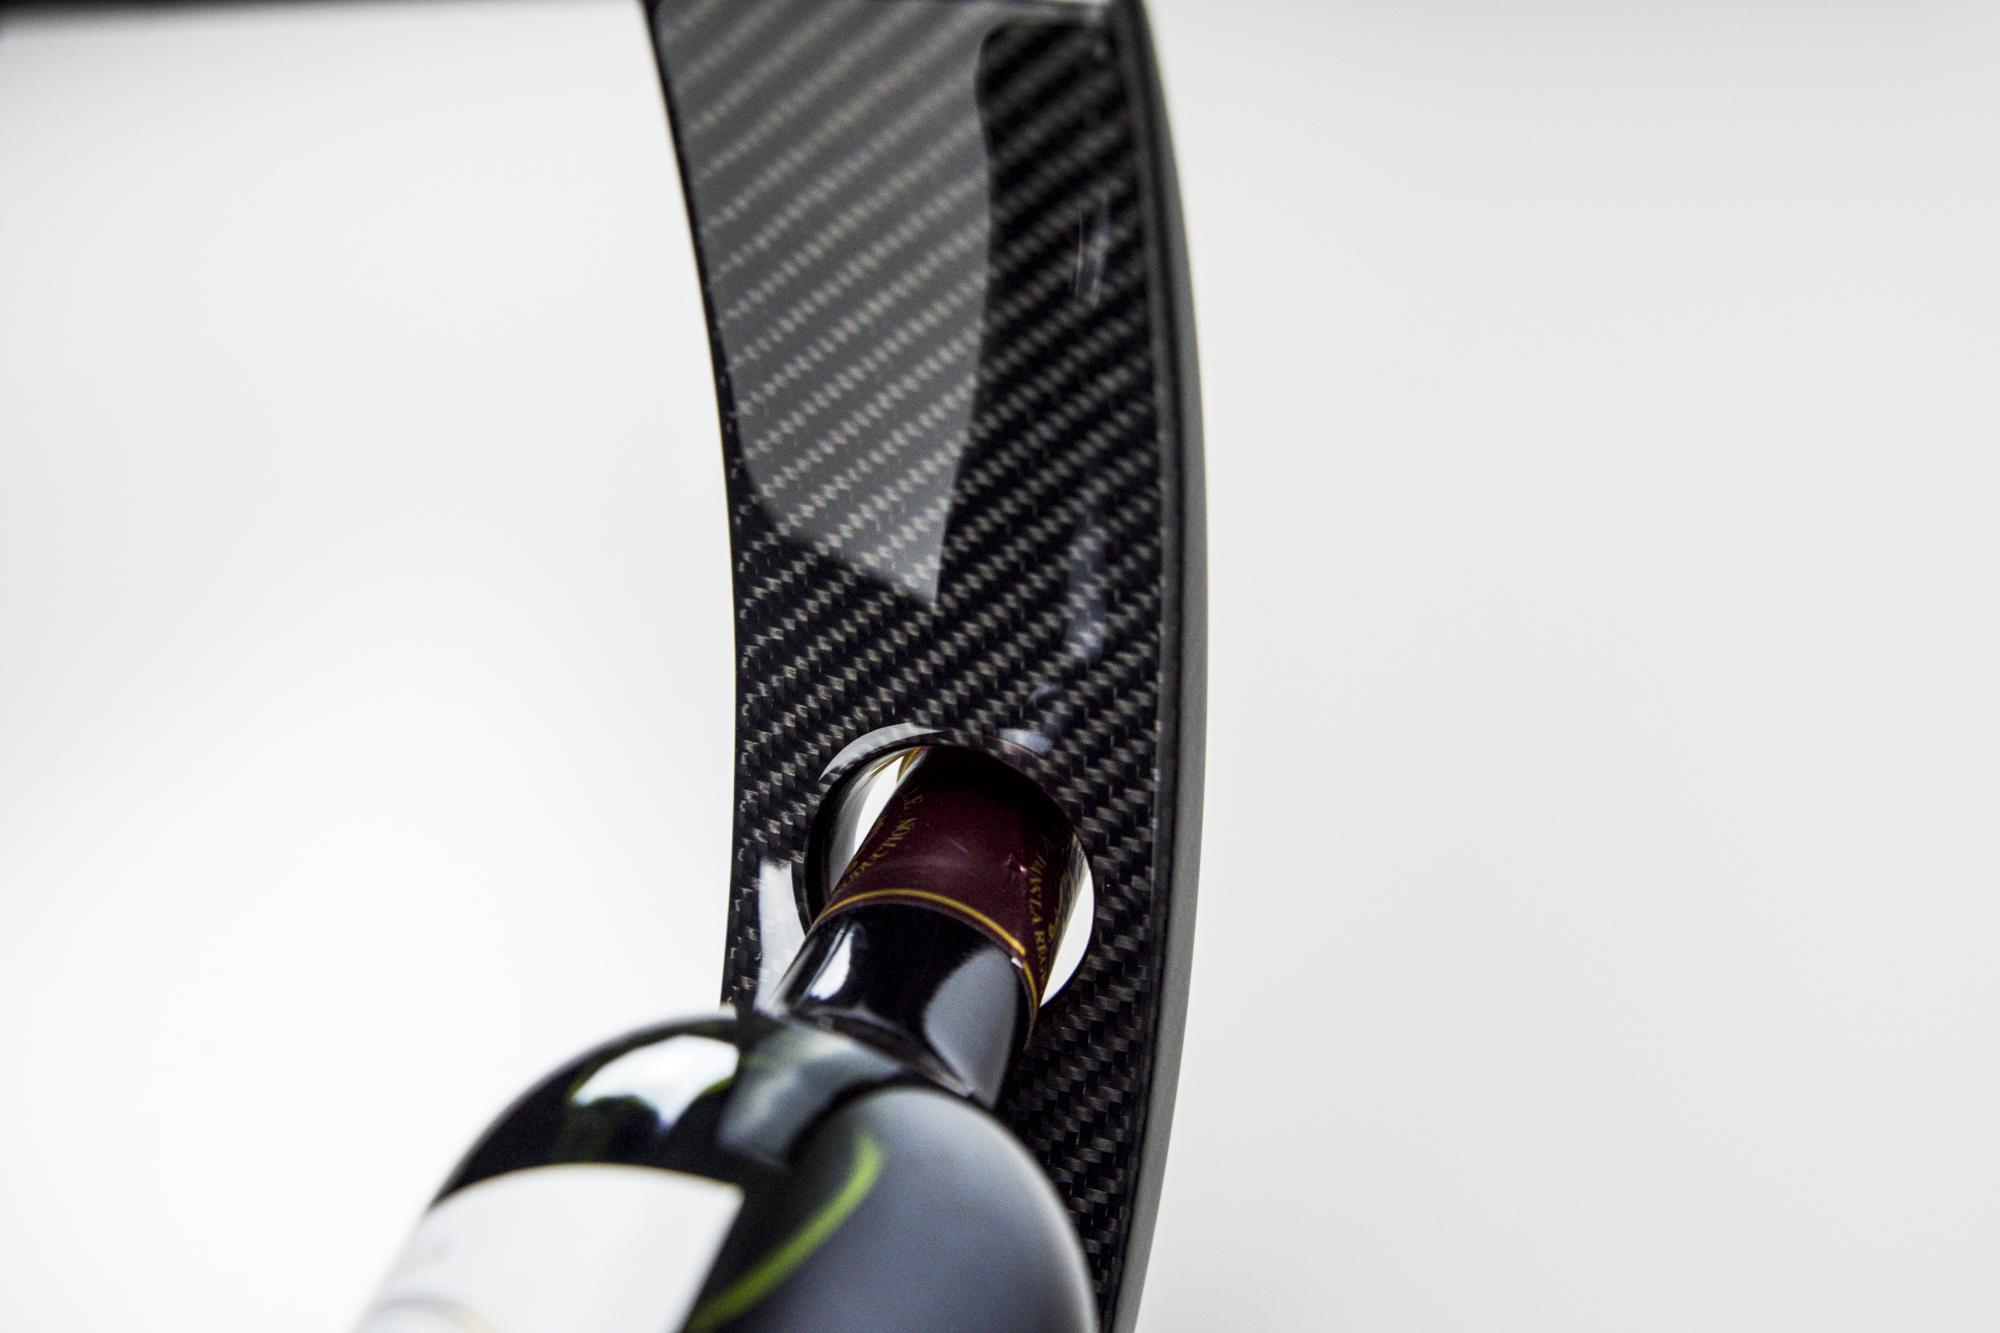 Carbon schwebender Flachenhalter